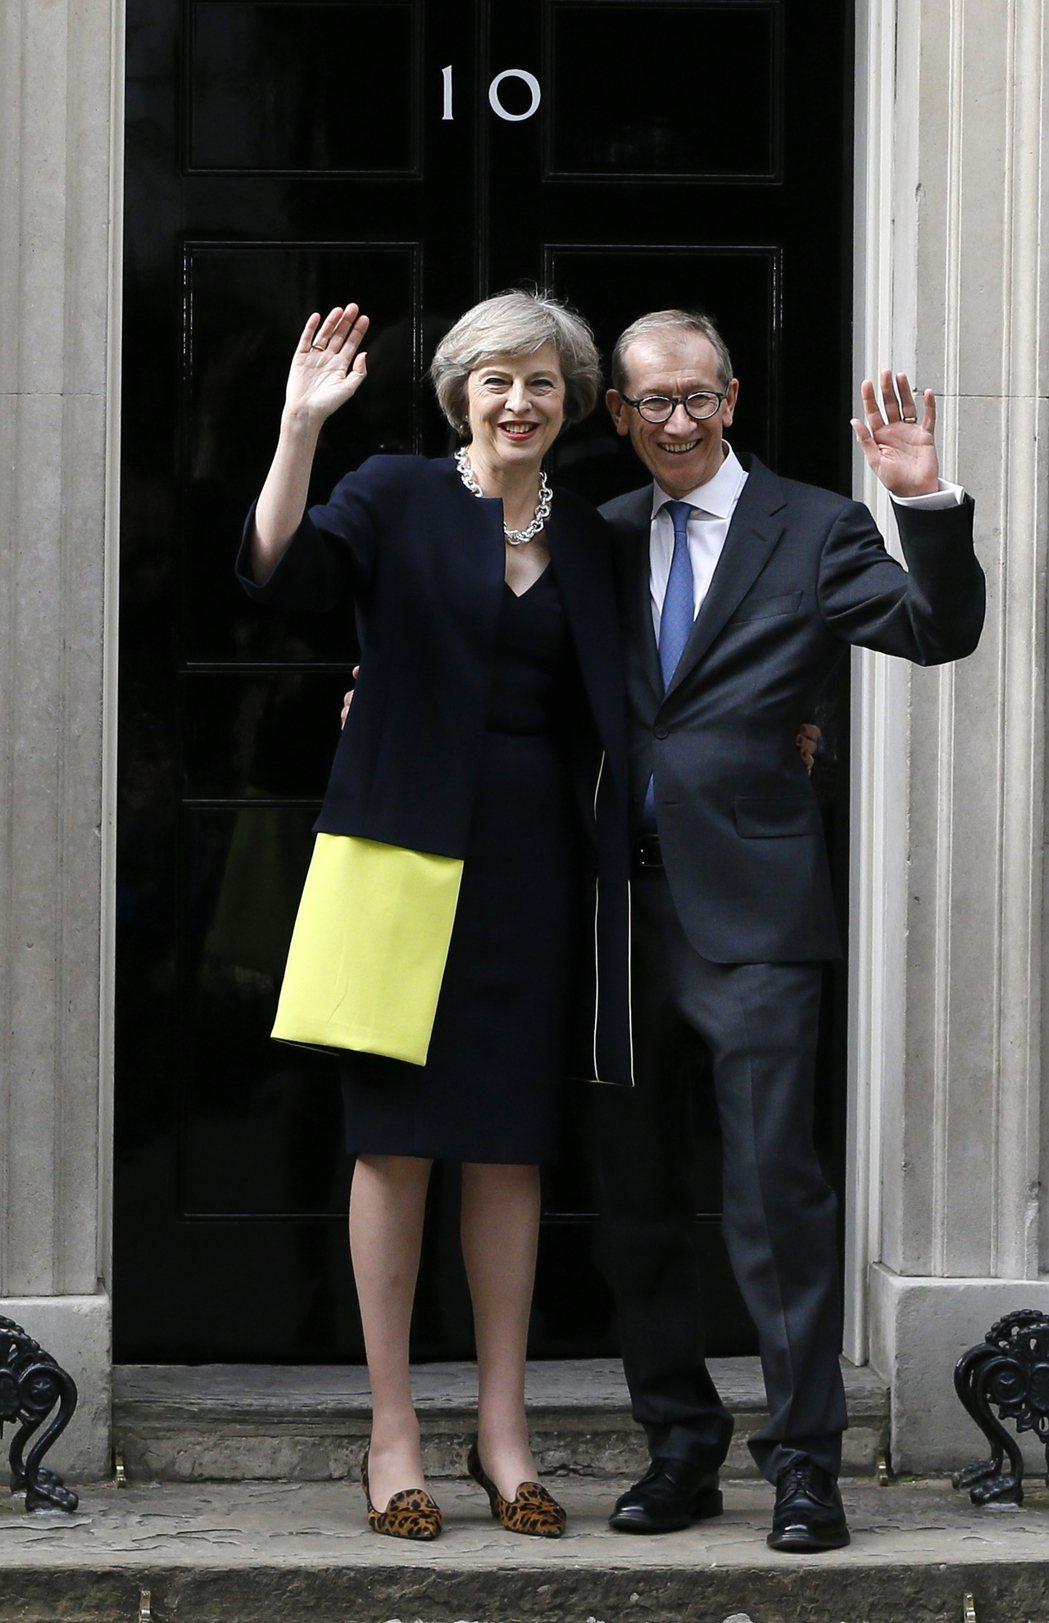 英國新任首相梅伊與夫婿,於官邸前向群眾致意。 圖/取自美聯社